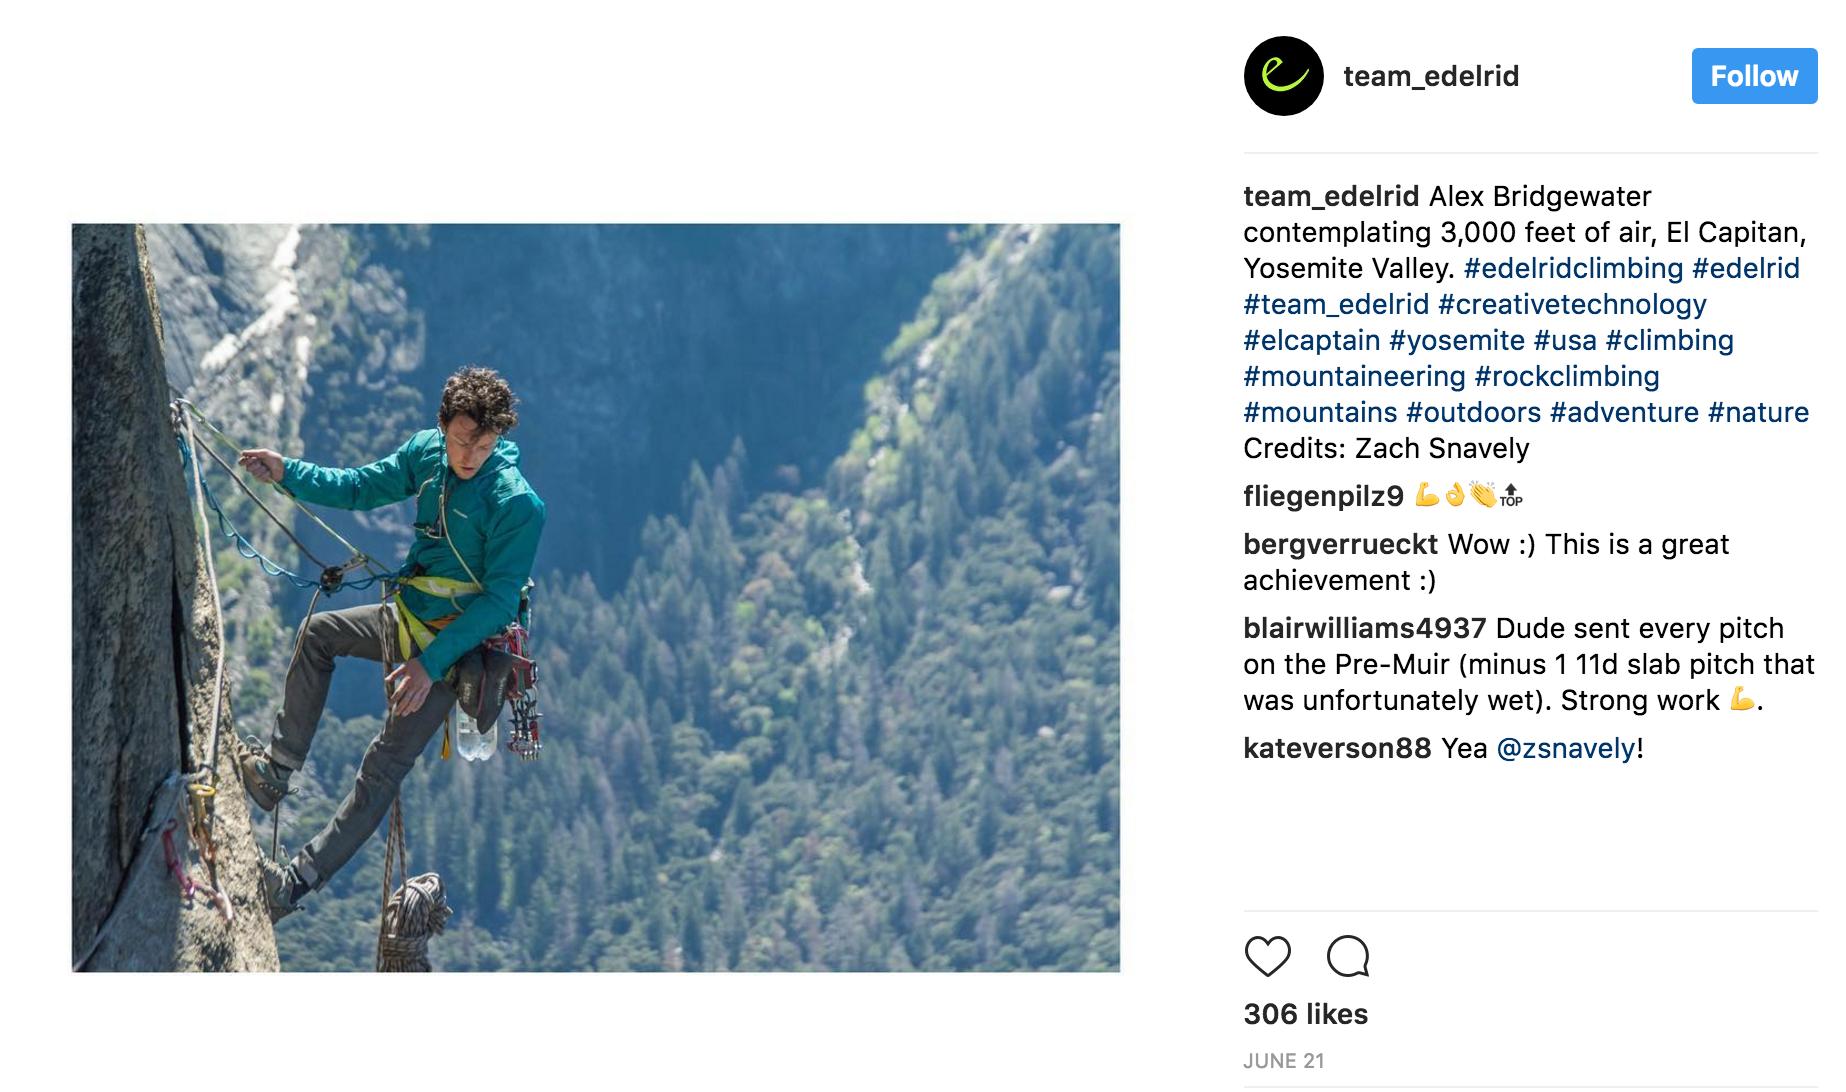 Edelrid Instagram Feed, June 2017